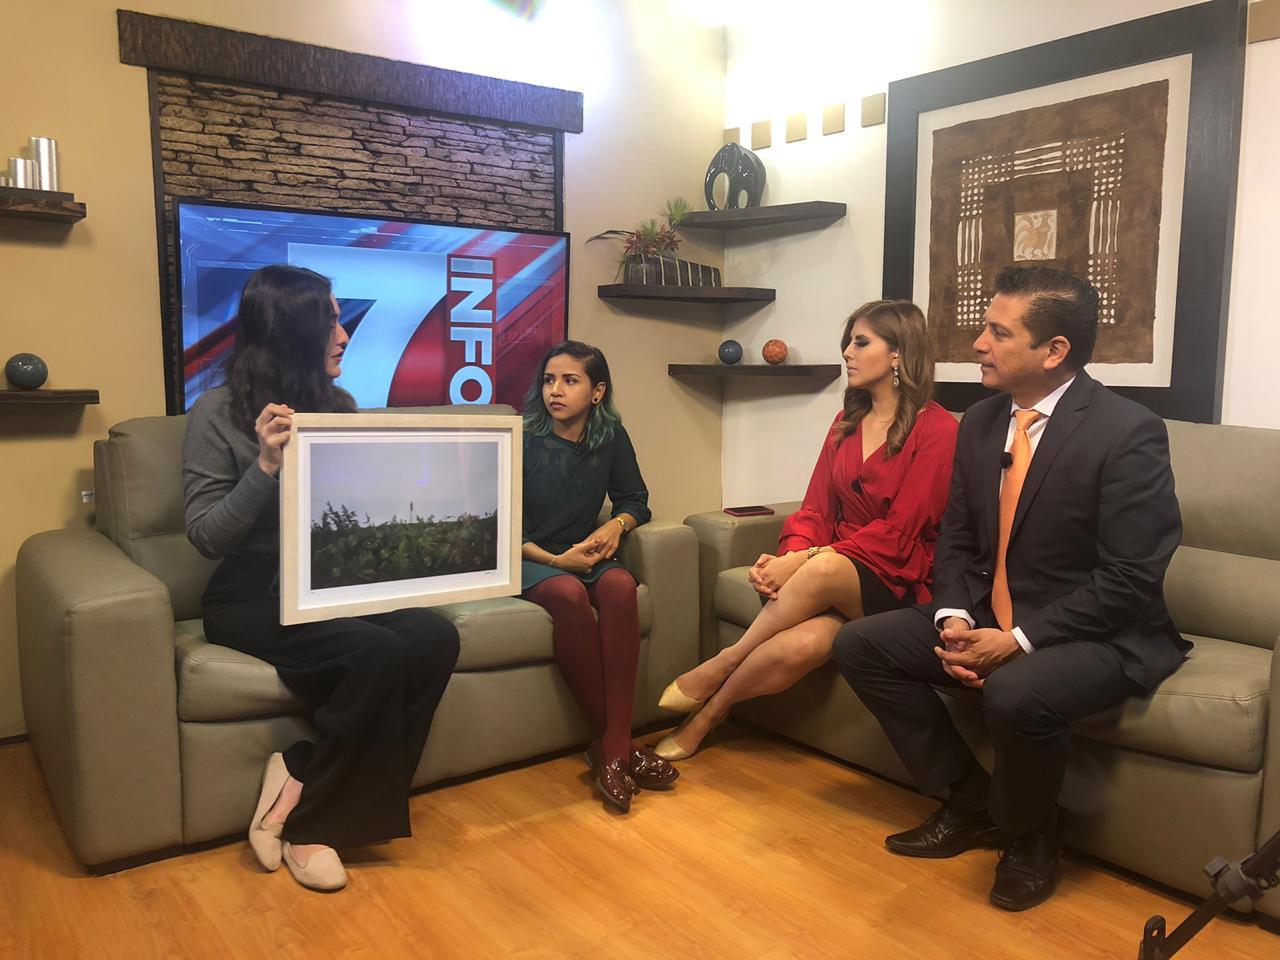 Entrevista Info 7 de Azteca Noreste Mexico